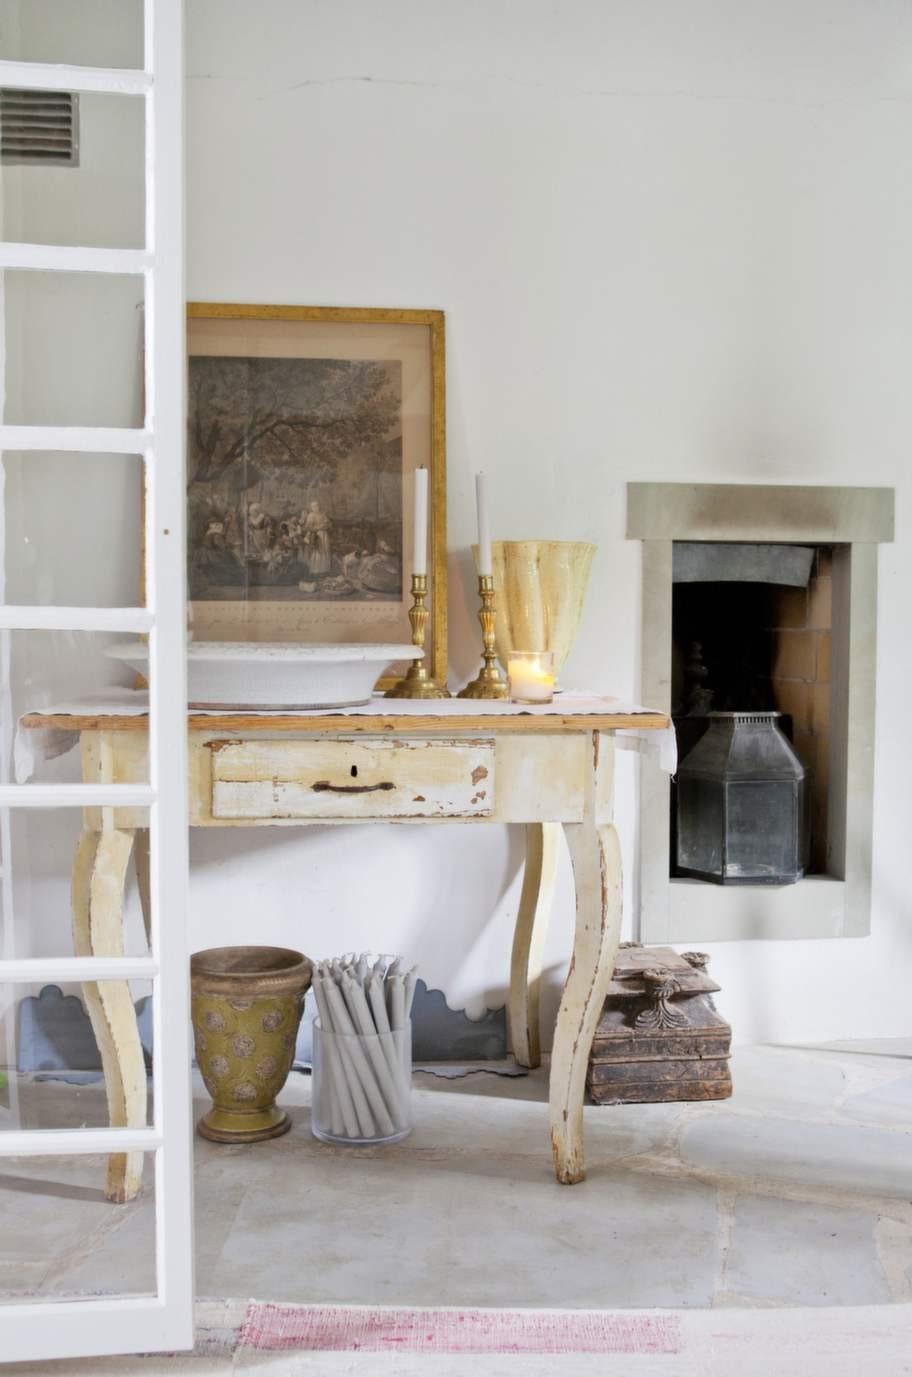 Ett vacker hörn av köket, med mässingsljusstakar och ett franskt keramikfat på ett slitet, gammalt sidobord.